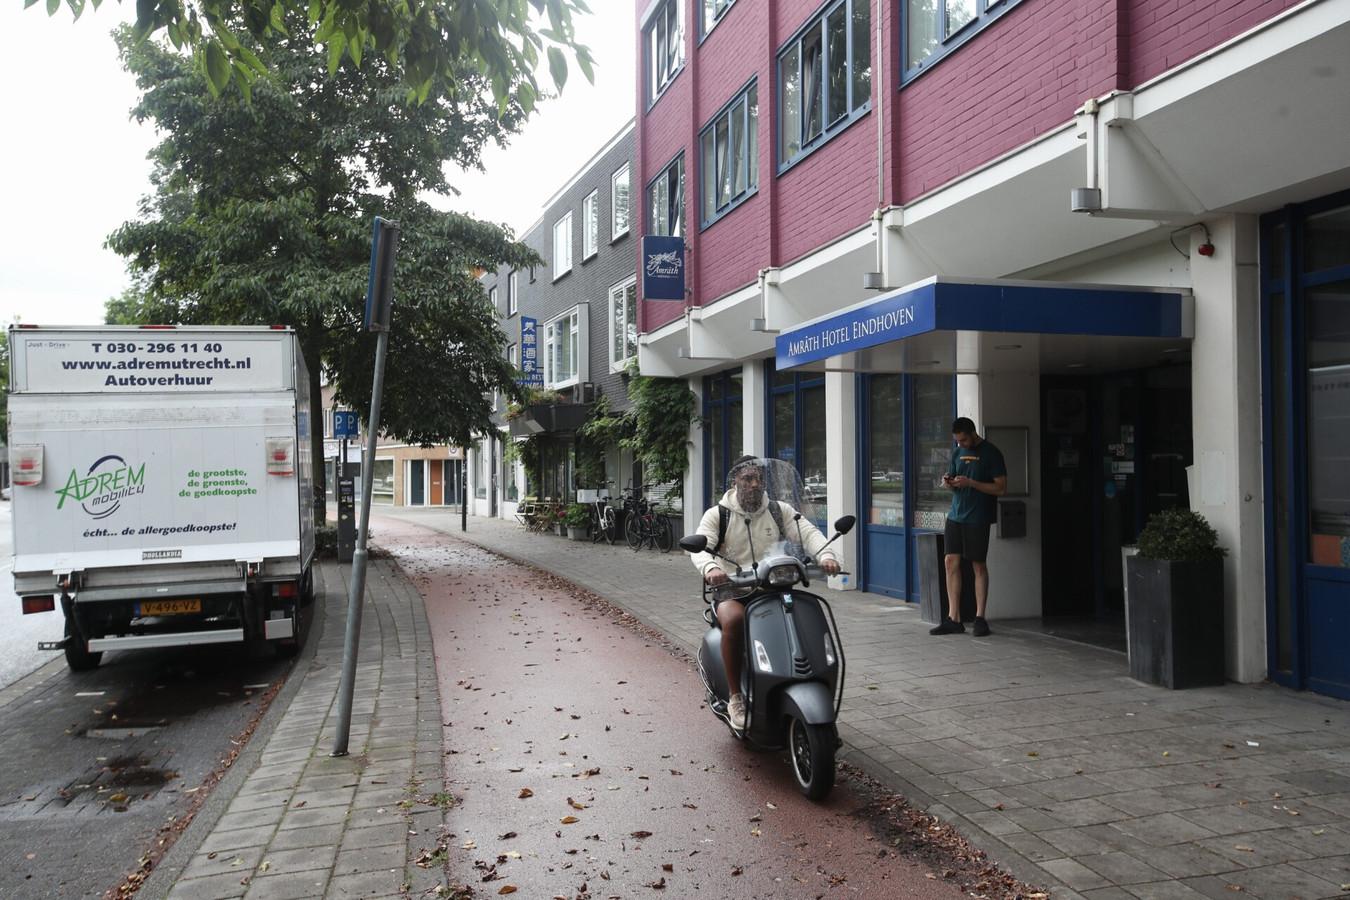 Het Amrath Hotel aan de Leenderweg biedt sinds eind vorig jaar onderdak aan ongeveer honderd arbeidsmigranten